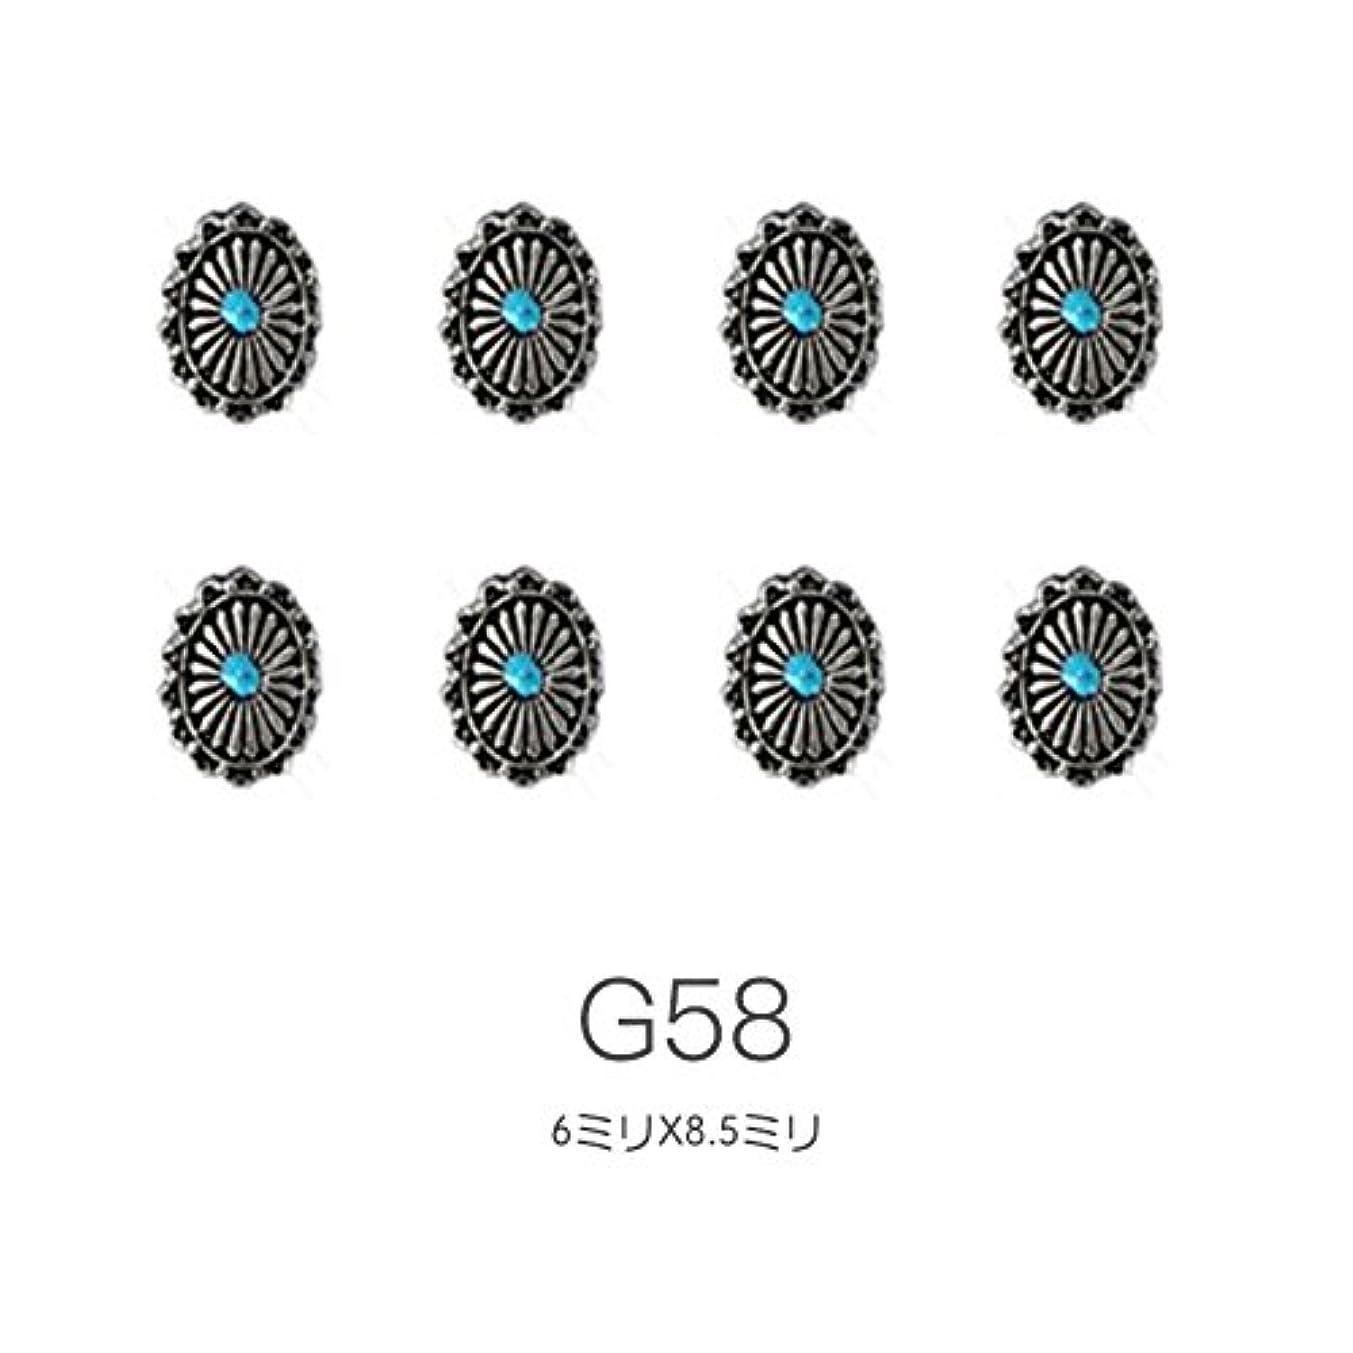 真向こうブロックバイオリンG58(6ミリ×8.5ミリ) シルバー 8個入り メタルパーツ コンチョ ターコイズ風 ゴールド シルバー ネイルパーツ スタッズ ネイル用品 GOLD SILVER アートパーツ アートパーツ デコ素材